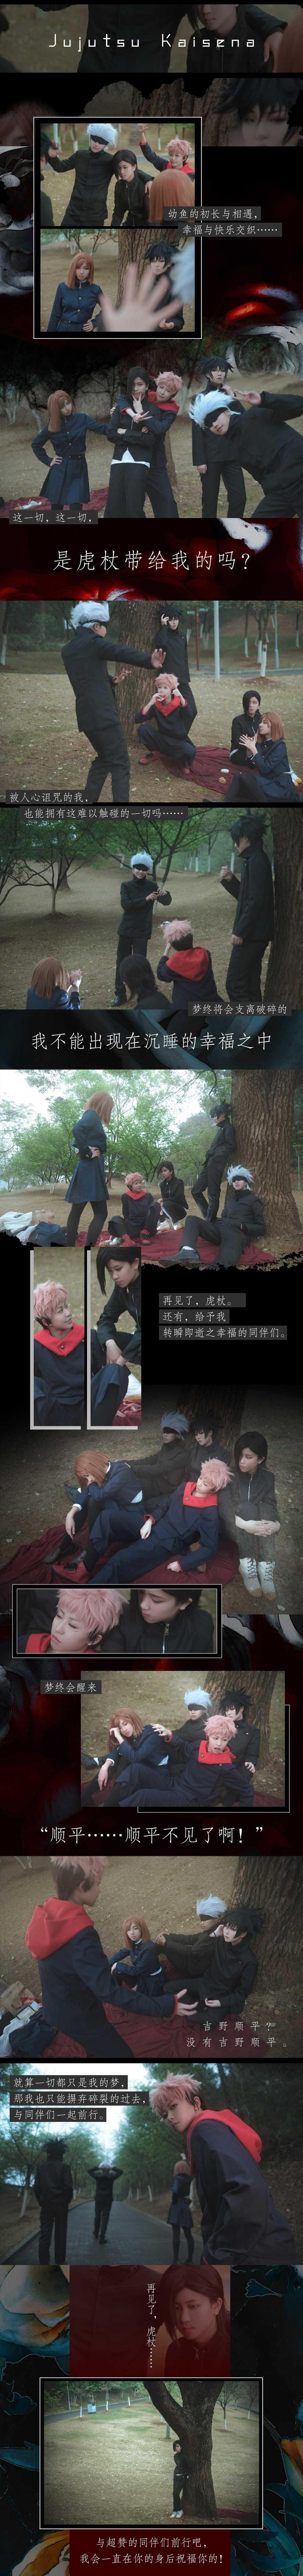 《咒术回战》正片cosplay【CN:我是豆包鸭】-第2张